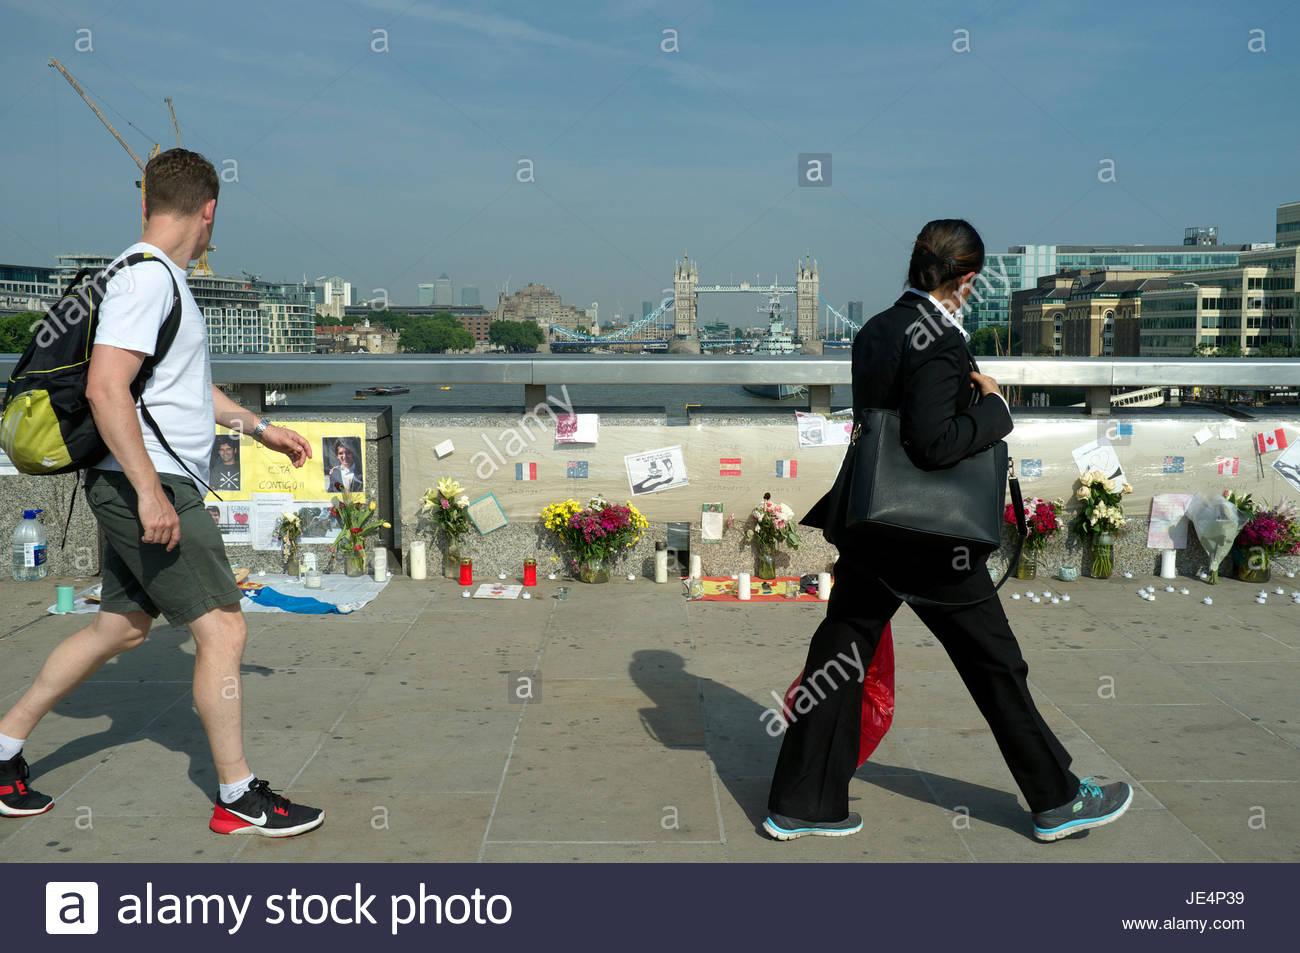 Omaggi e segni di cordoglio per le vittime, in risposta al giugno 2017 London Bridge attacchi terroristici. Giugno Immagini Stock